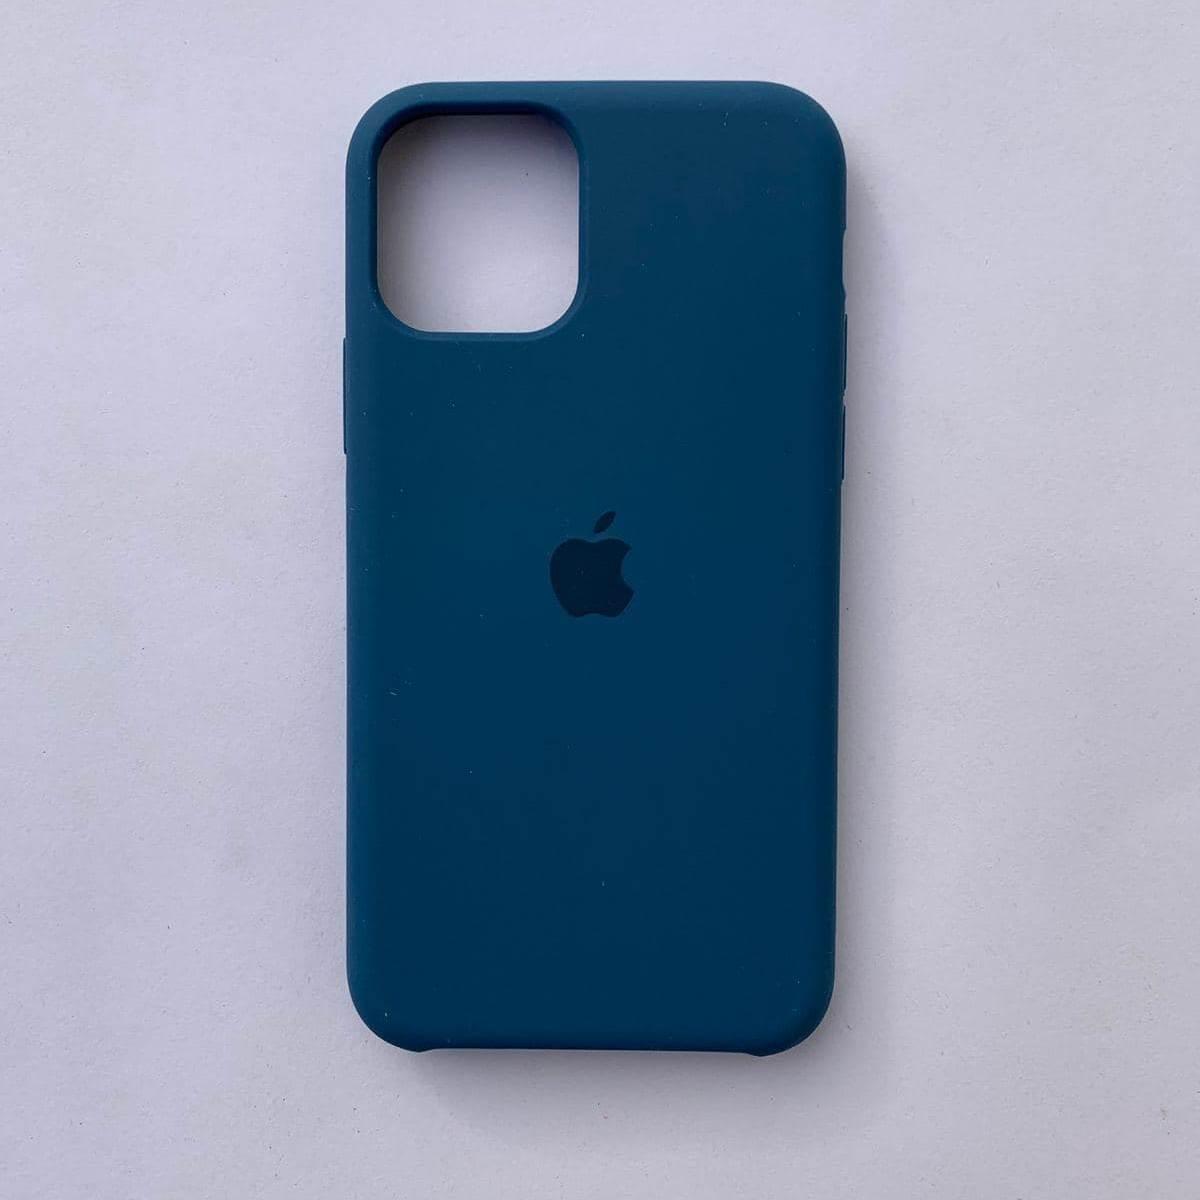 Чехол-накладка Silicone Case для Apple iPhone 11 Ocean Blue